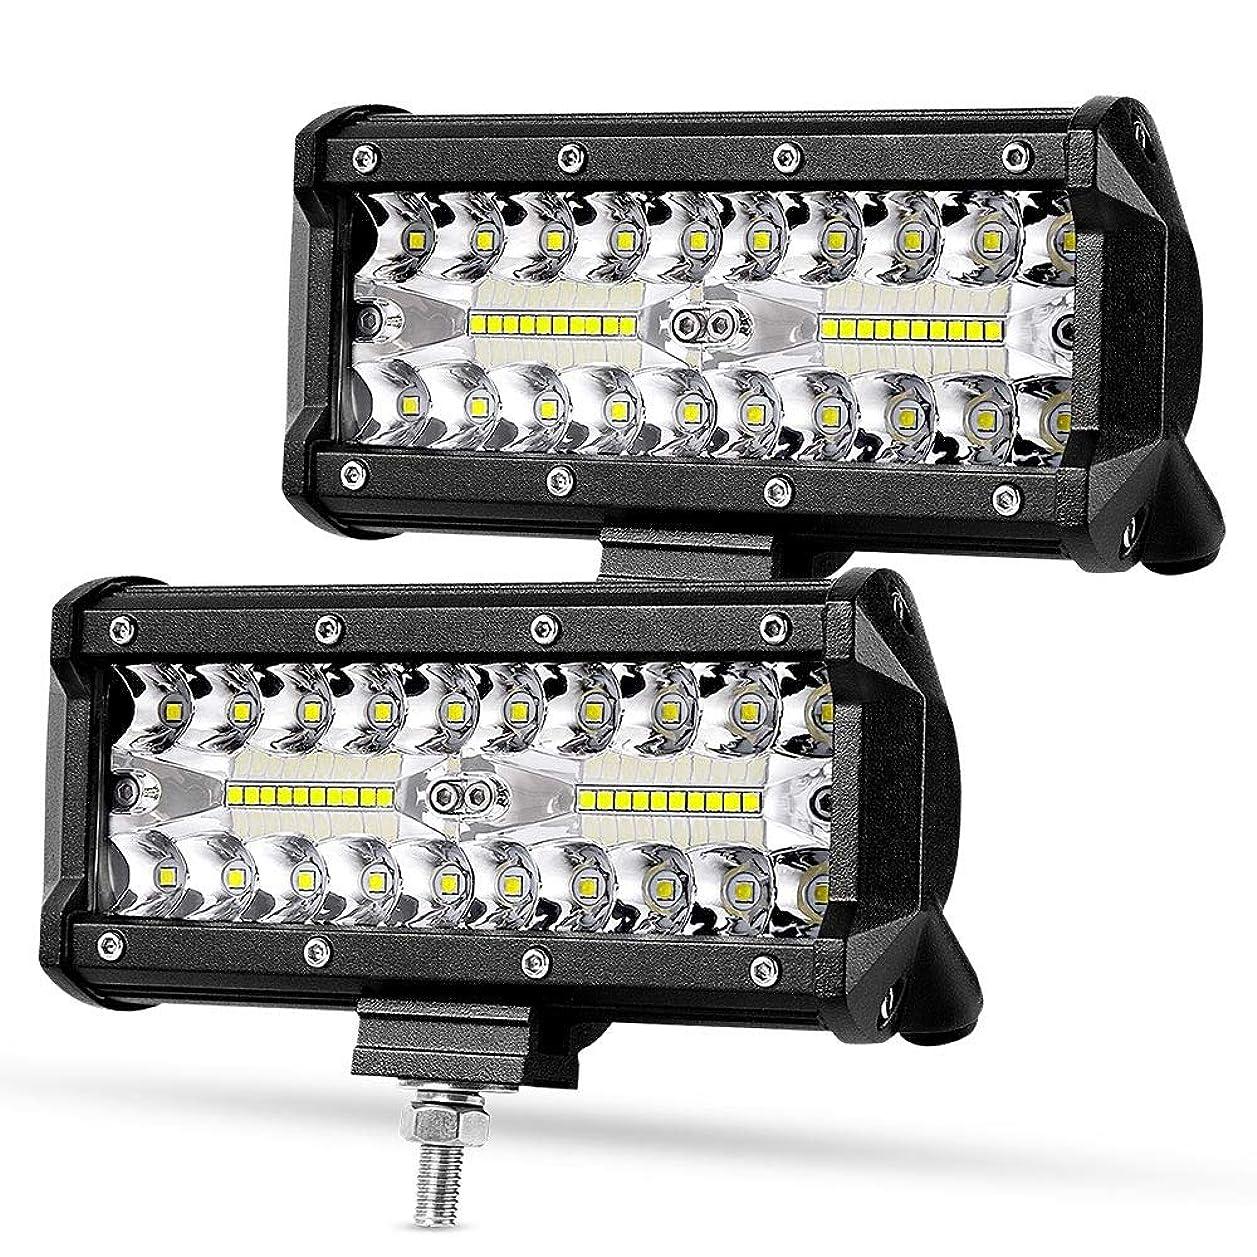 気づくなかなかセンブランスRACBOX 120W LED作業灯 12V 24V 広角タイプ LED ワークライト フォグランプ デッキライト 防水 トラック 船舶 各種作業車対応 二個セット (120W広角タイプ)